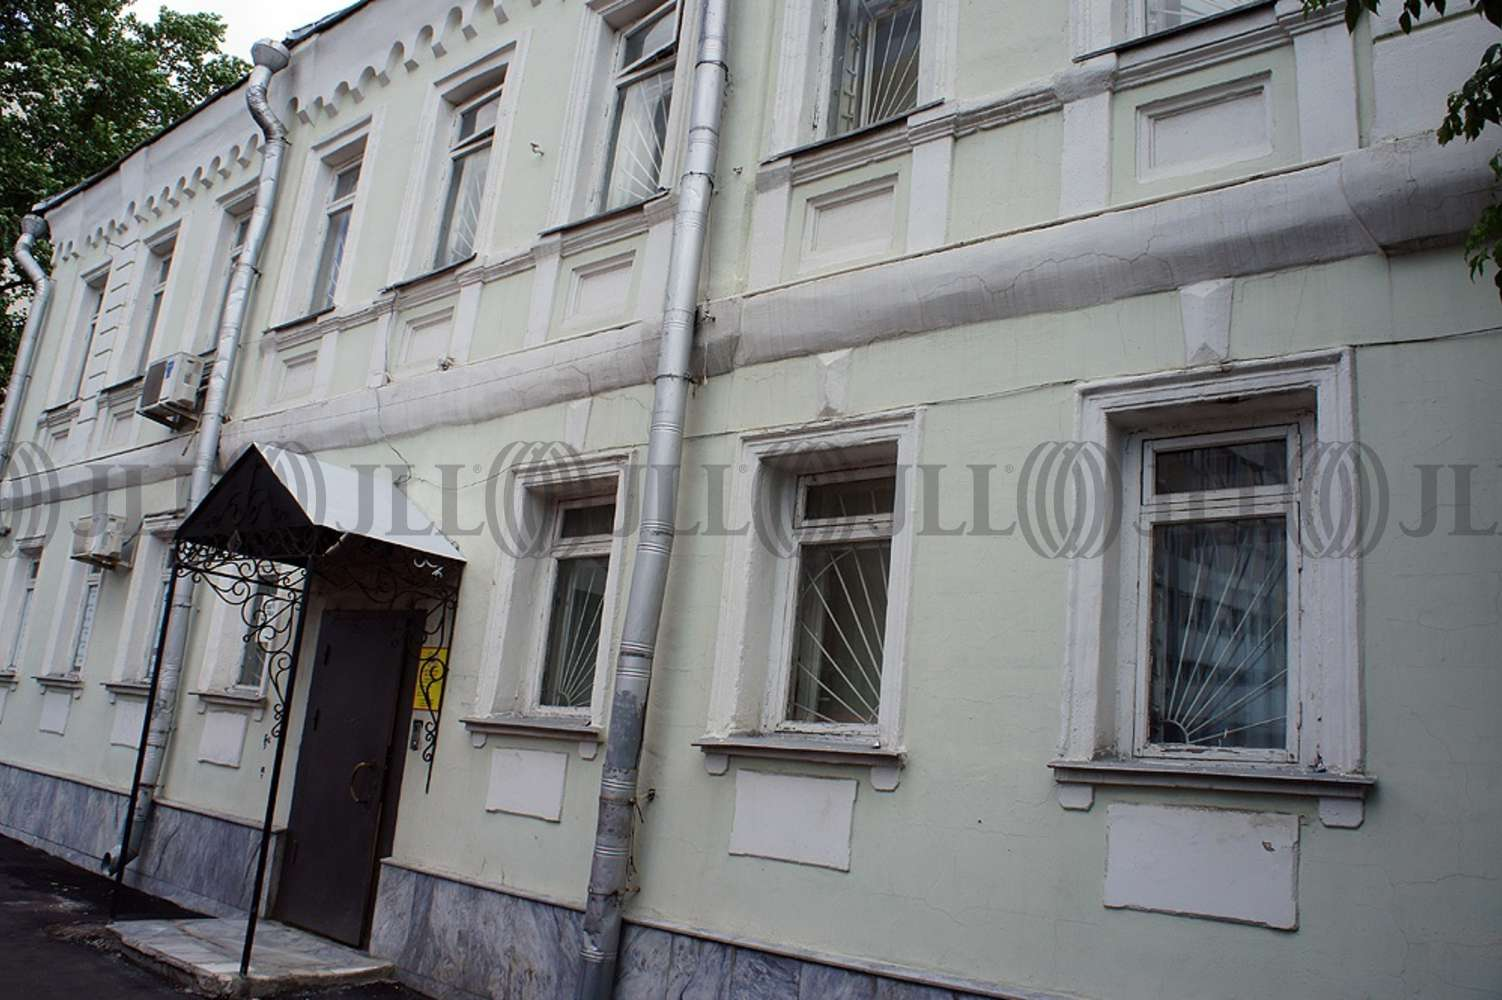 Офисная недвижимость Москва - 1 Коптельский пер. 10 стр. 1